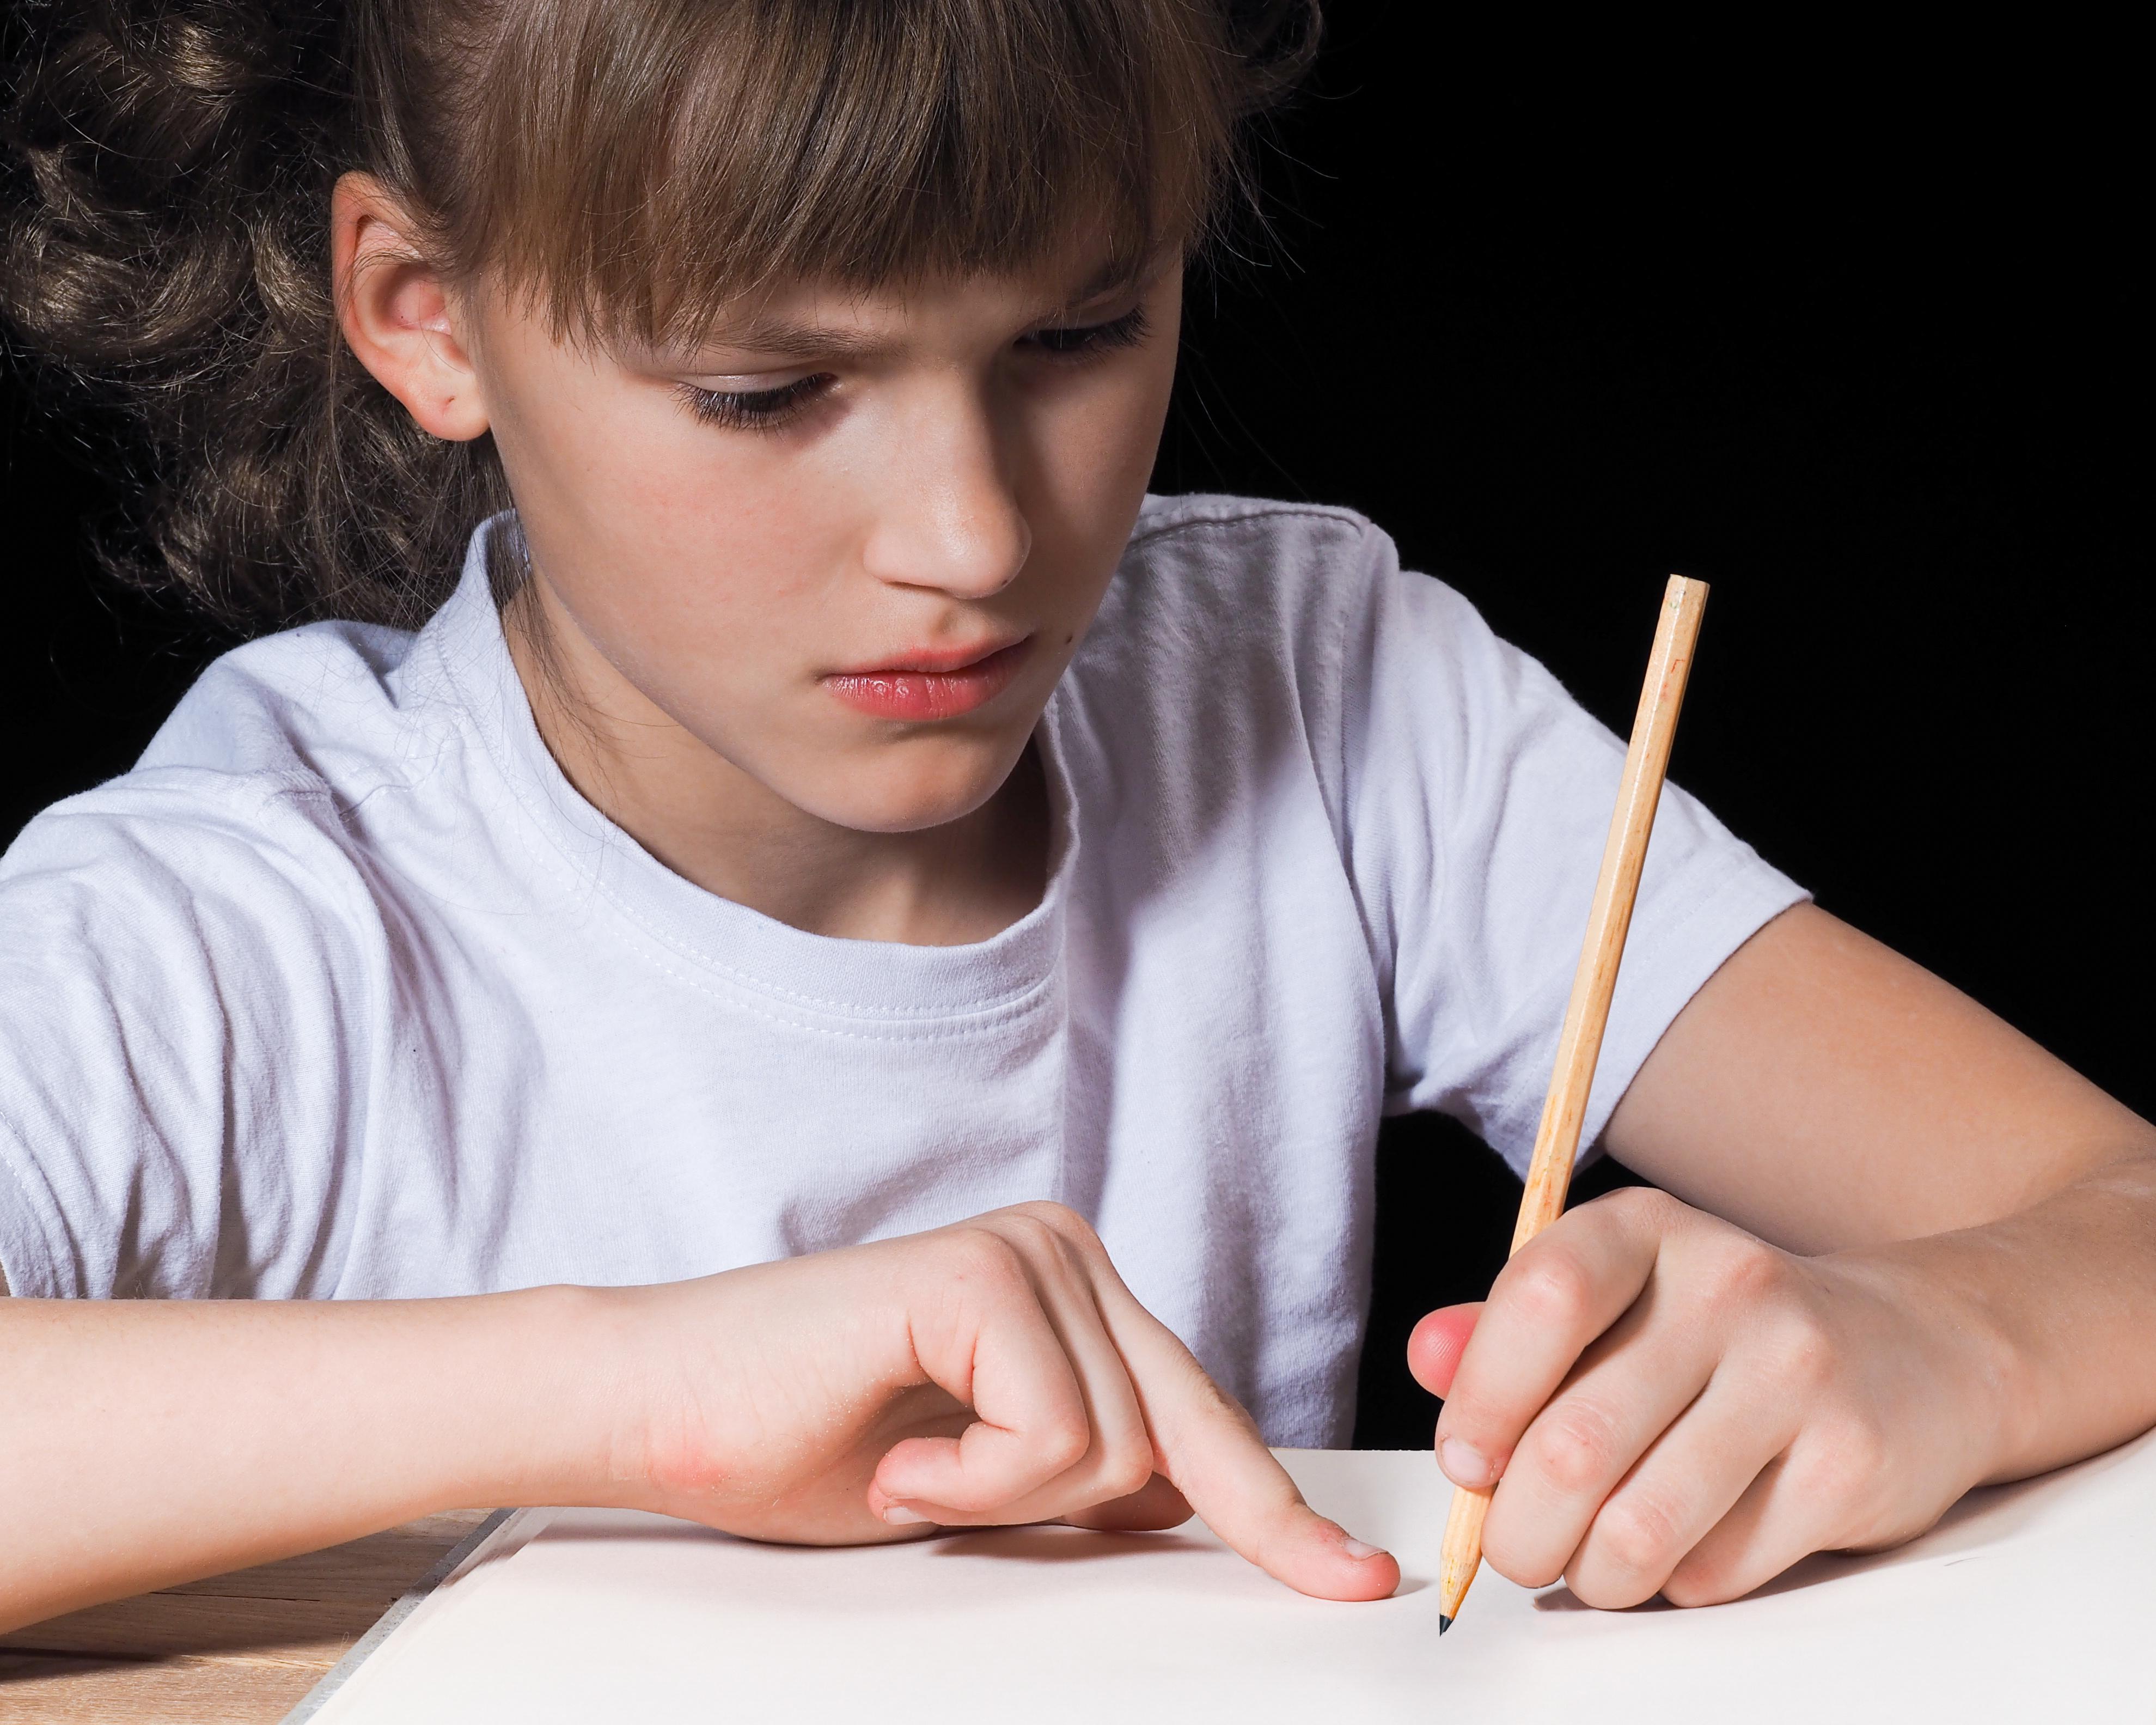 Huiswerk maken. Voor sommige kinderen een peulenschil en voor anderen een crime. (Foto: AdobeStock)